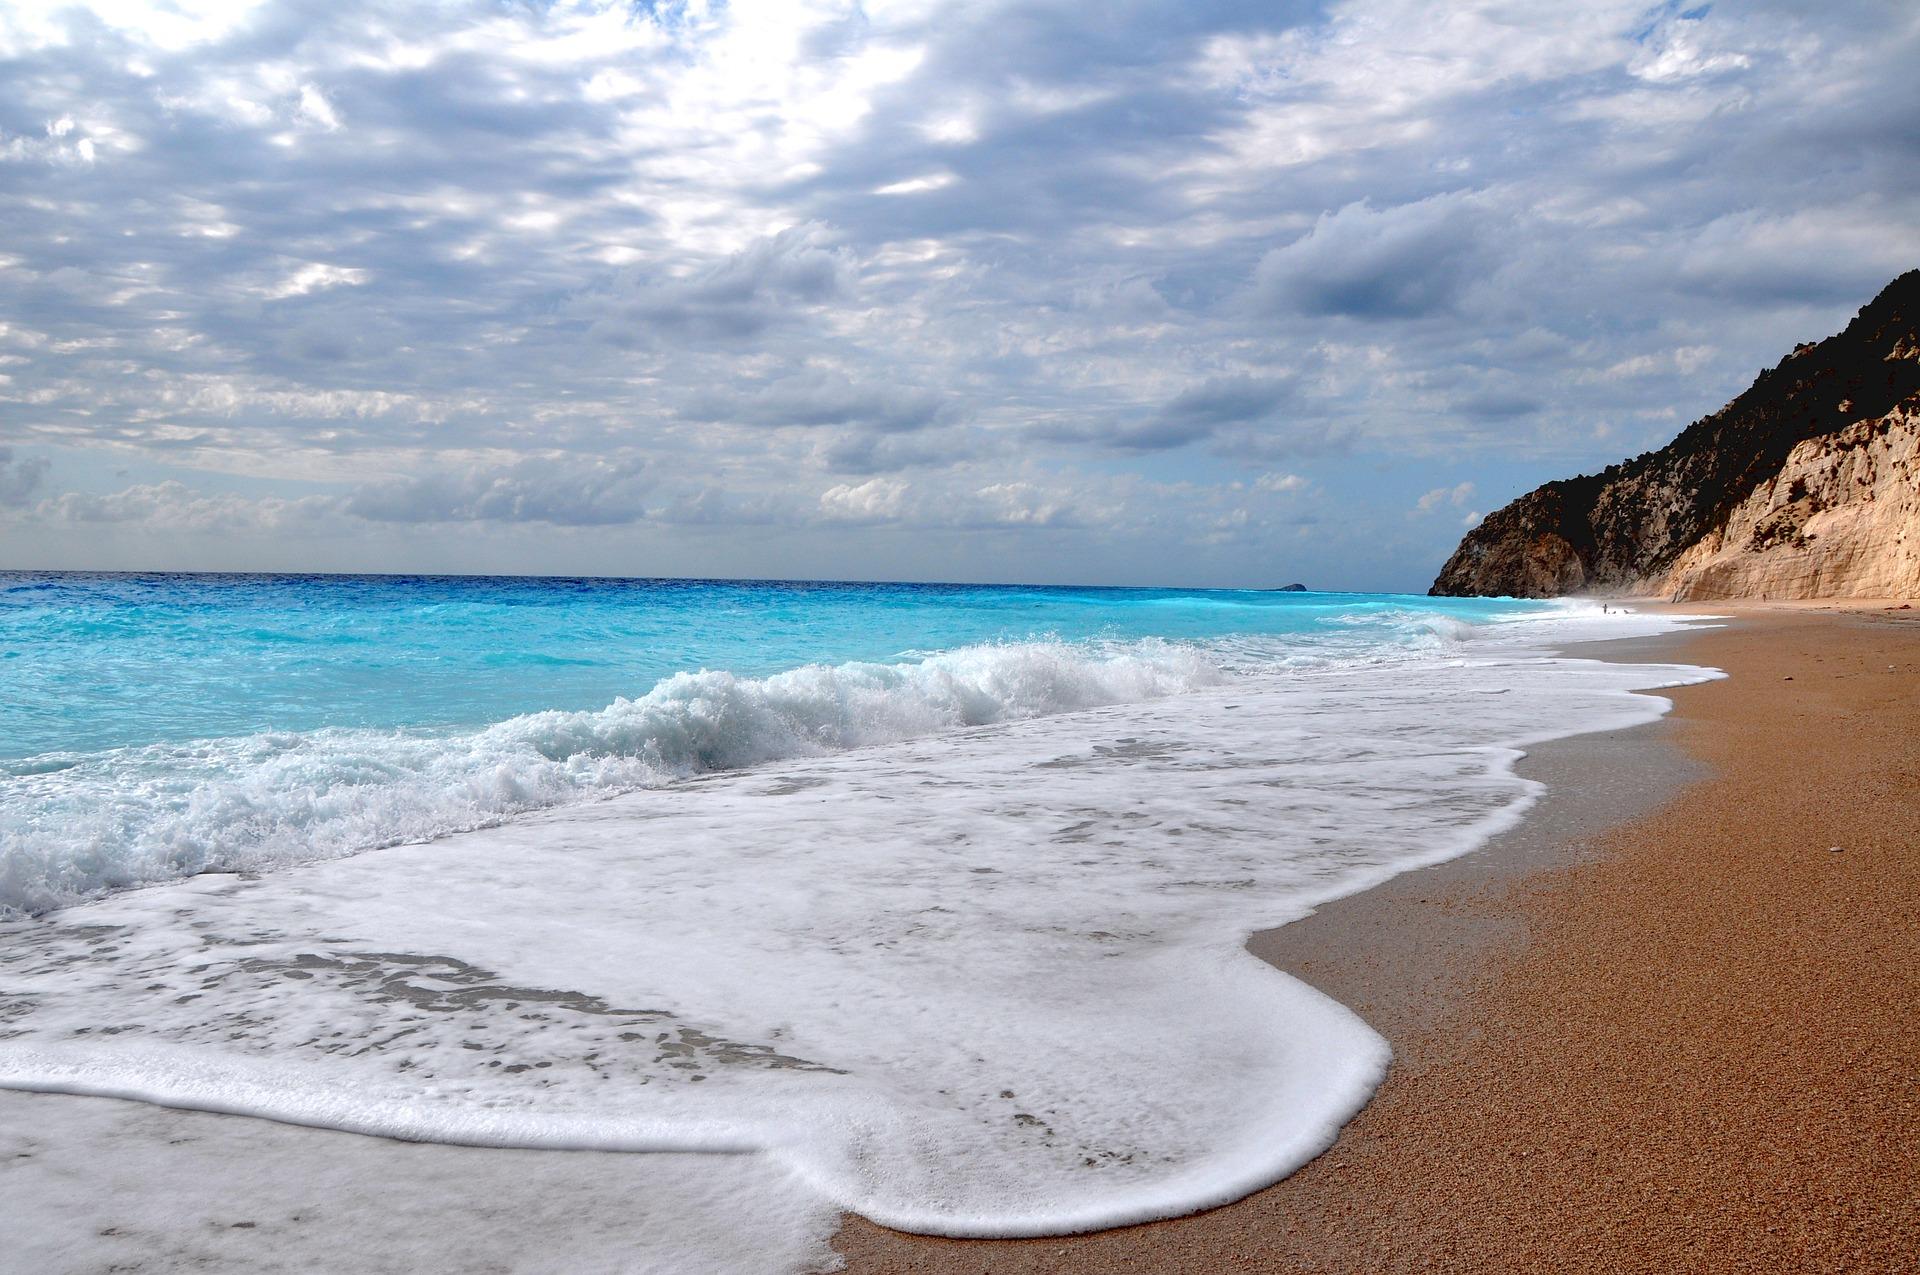 beach-1540518_1920